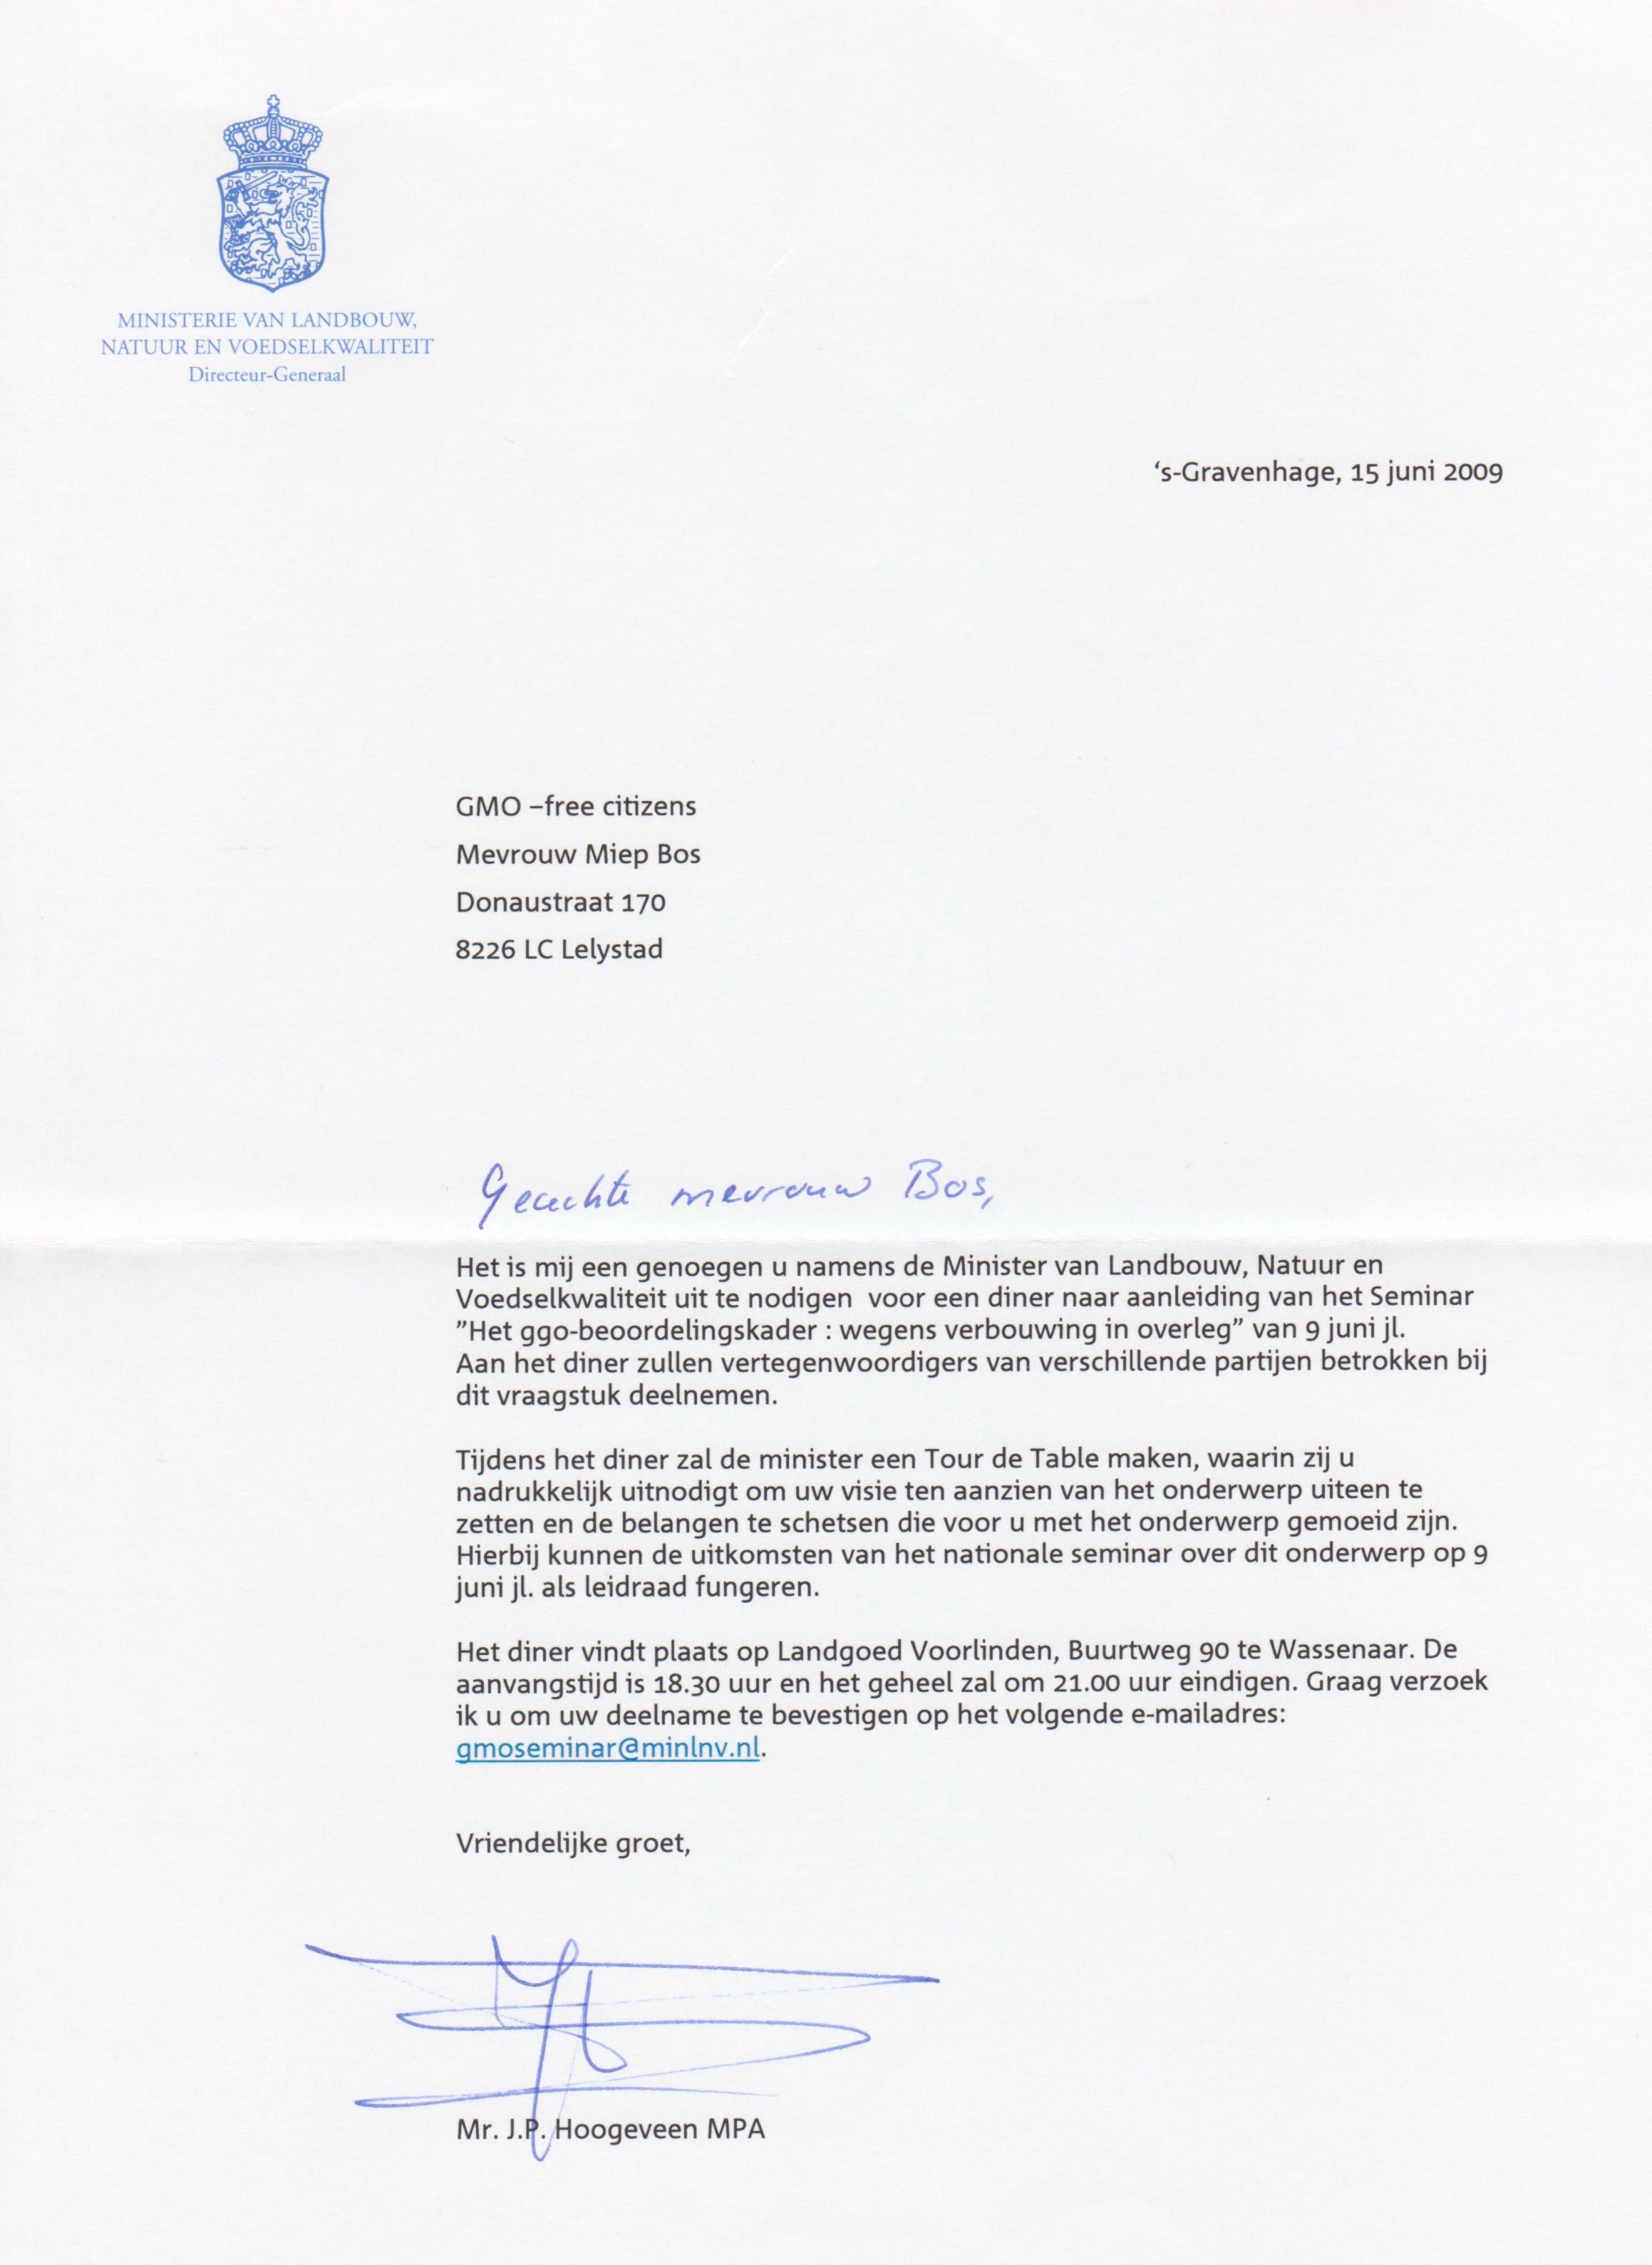 Seminar vervolg uitnodiging Verburg wassenaar